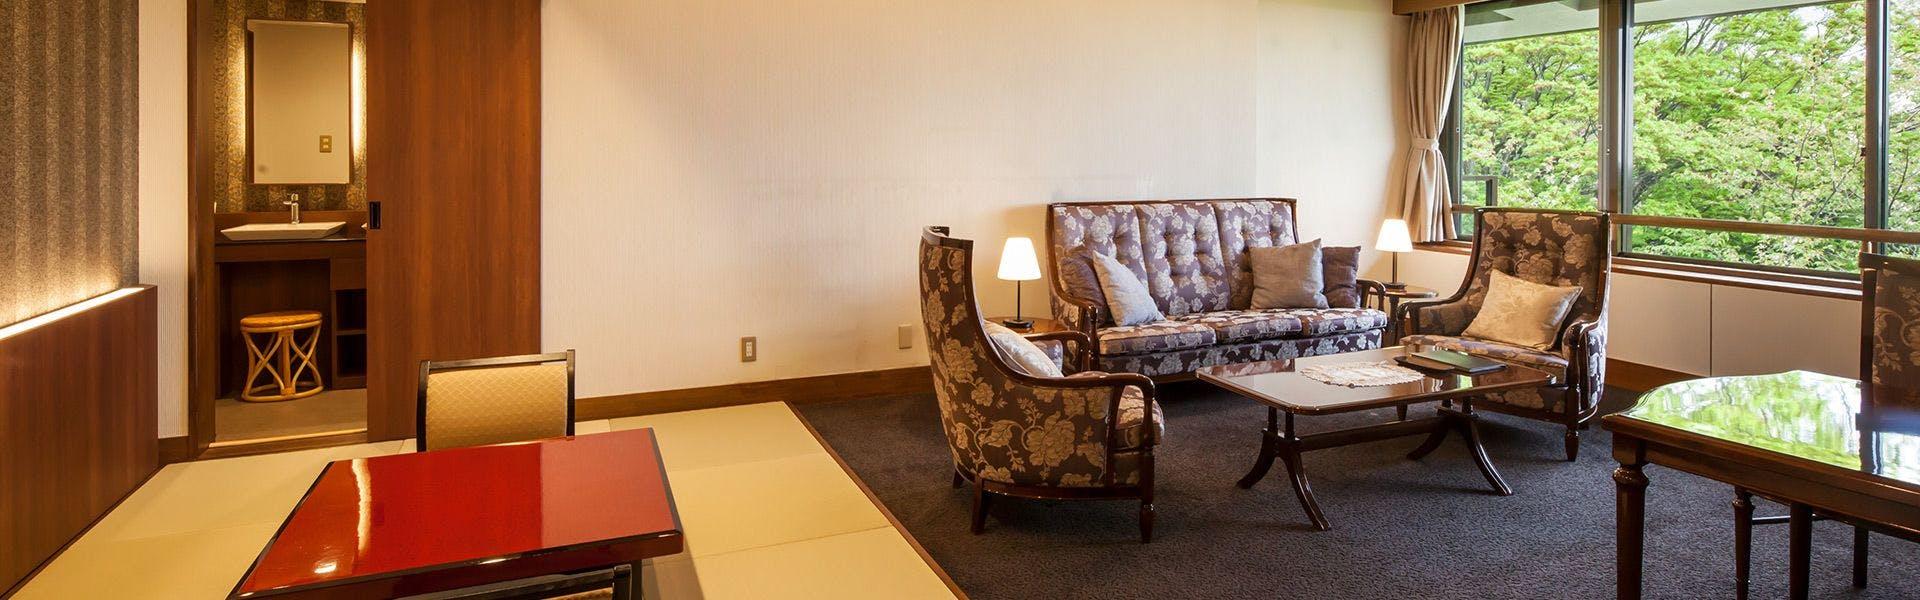 記念日におすすめのホテル・那須温泉 山楽の写真3